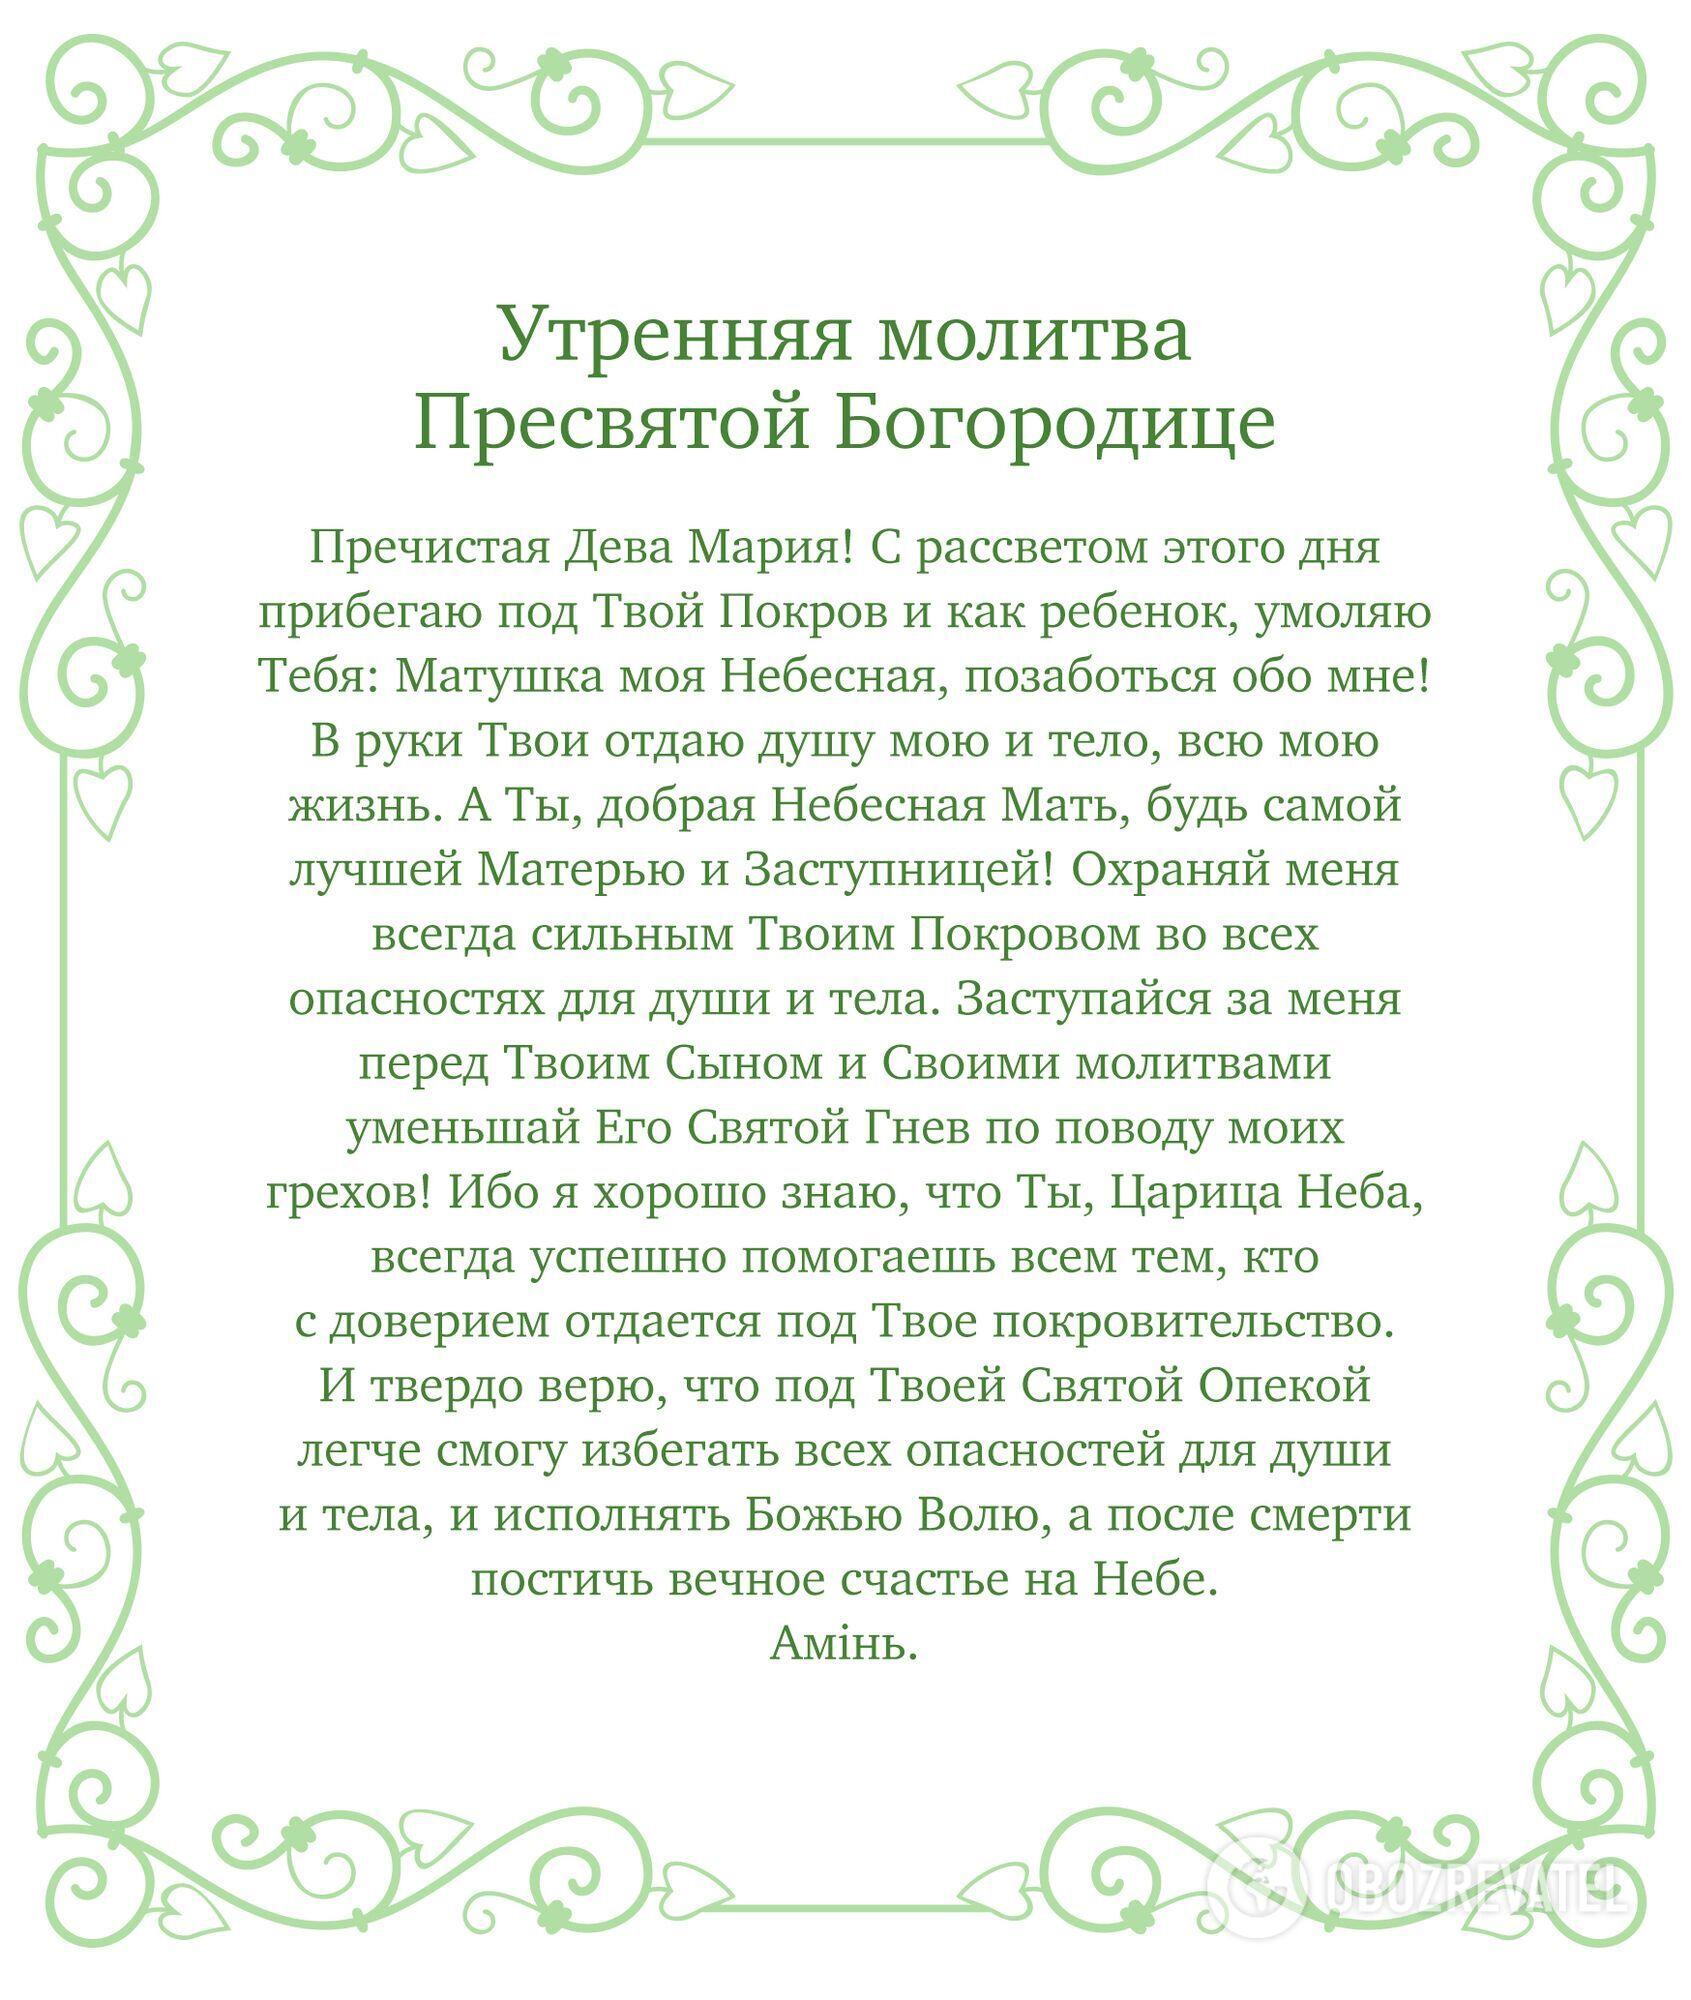 Утренняя молитва к Пресвятой Богородице